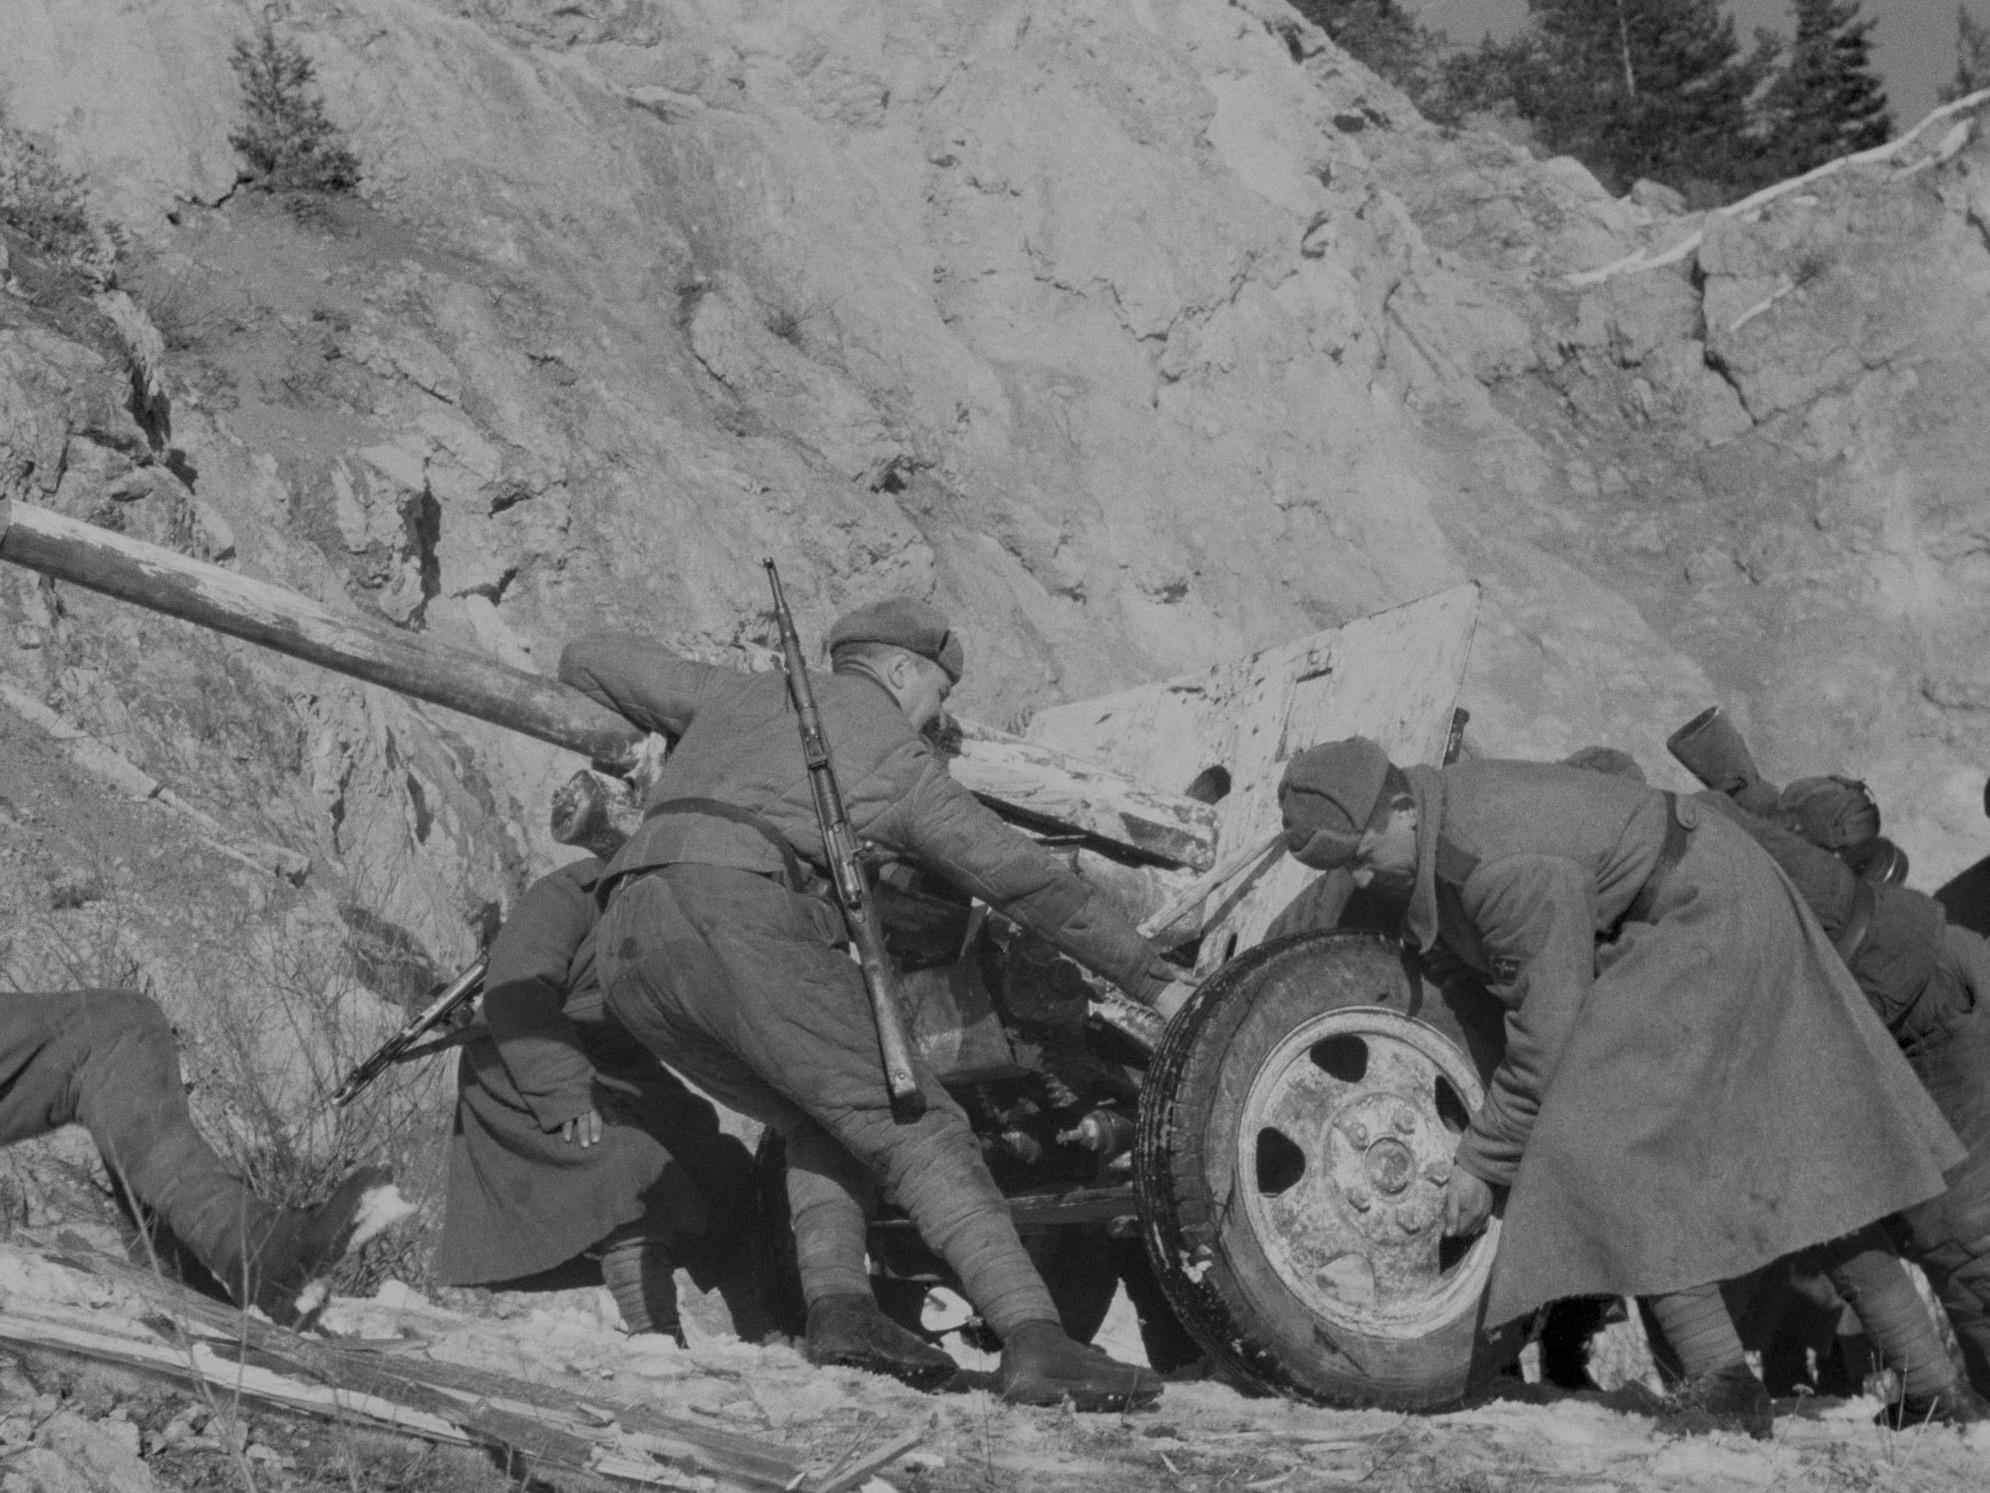 ЗИС-3 в зимнем камуфляже. 1945 г.